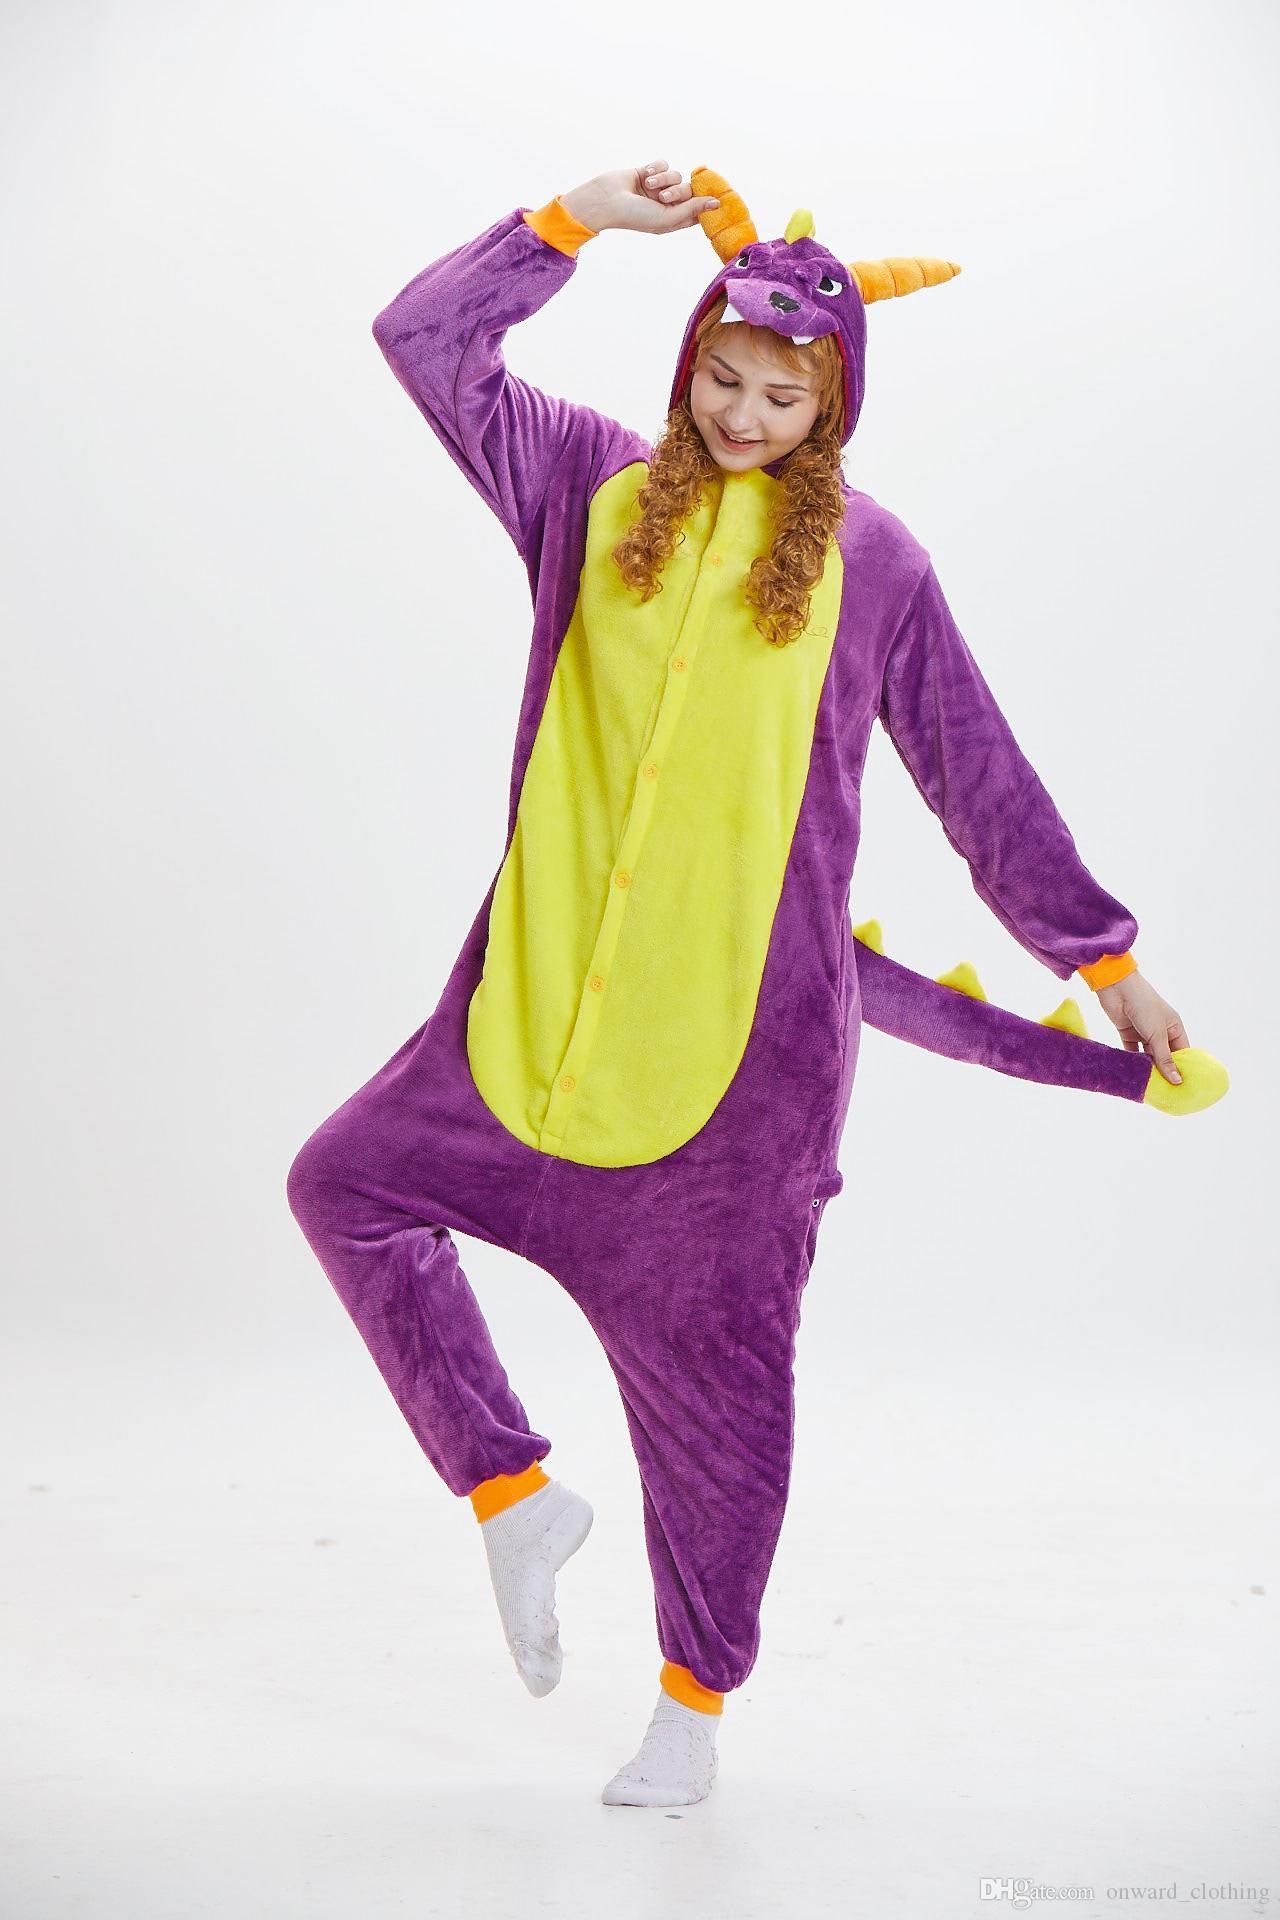 Compre Conjuntos De Pijamas De Franela De Dinosaurio Pijamas De Animales  Cosplay Ropa De Dormir De Punto De Dormir Ropa De Dormir De Dibujos  Animados A ... c28bde0f4bd8